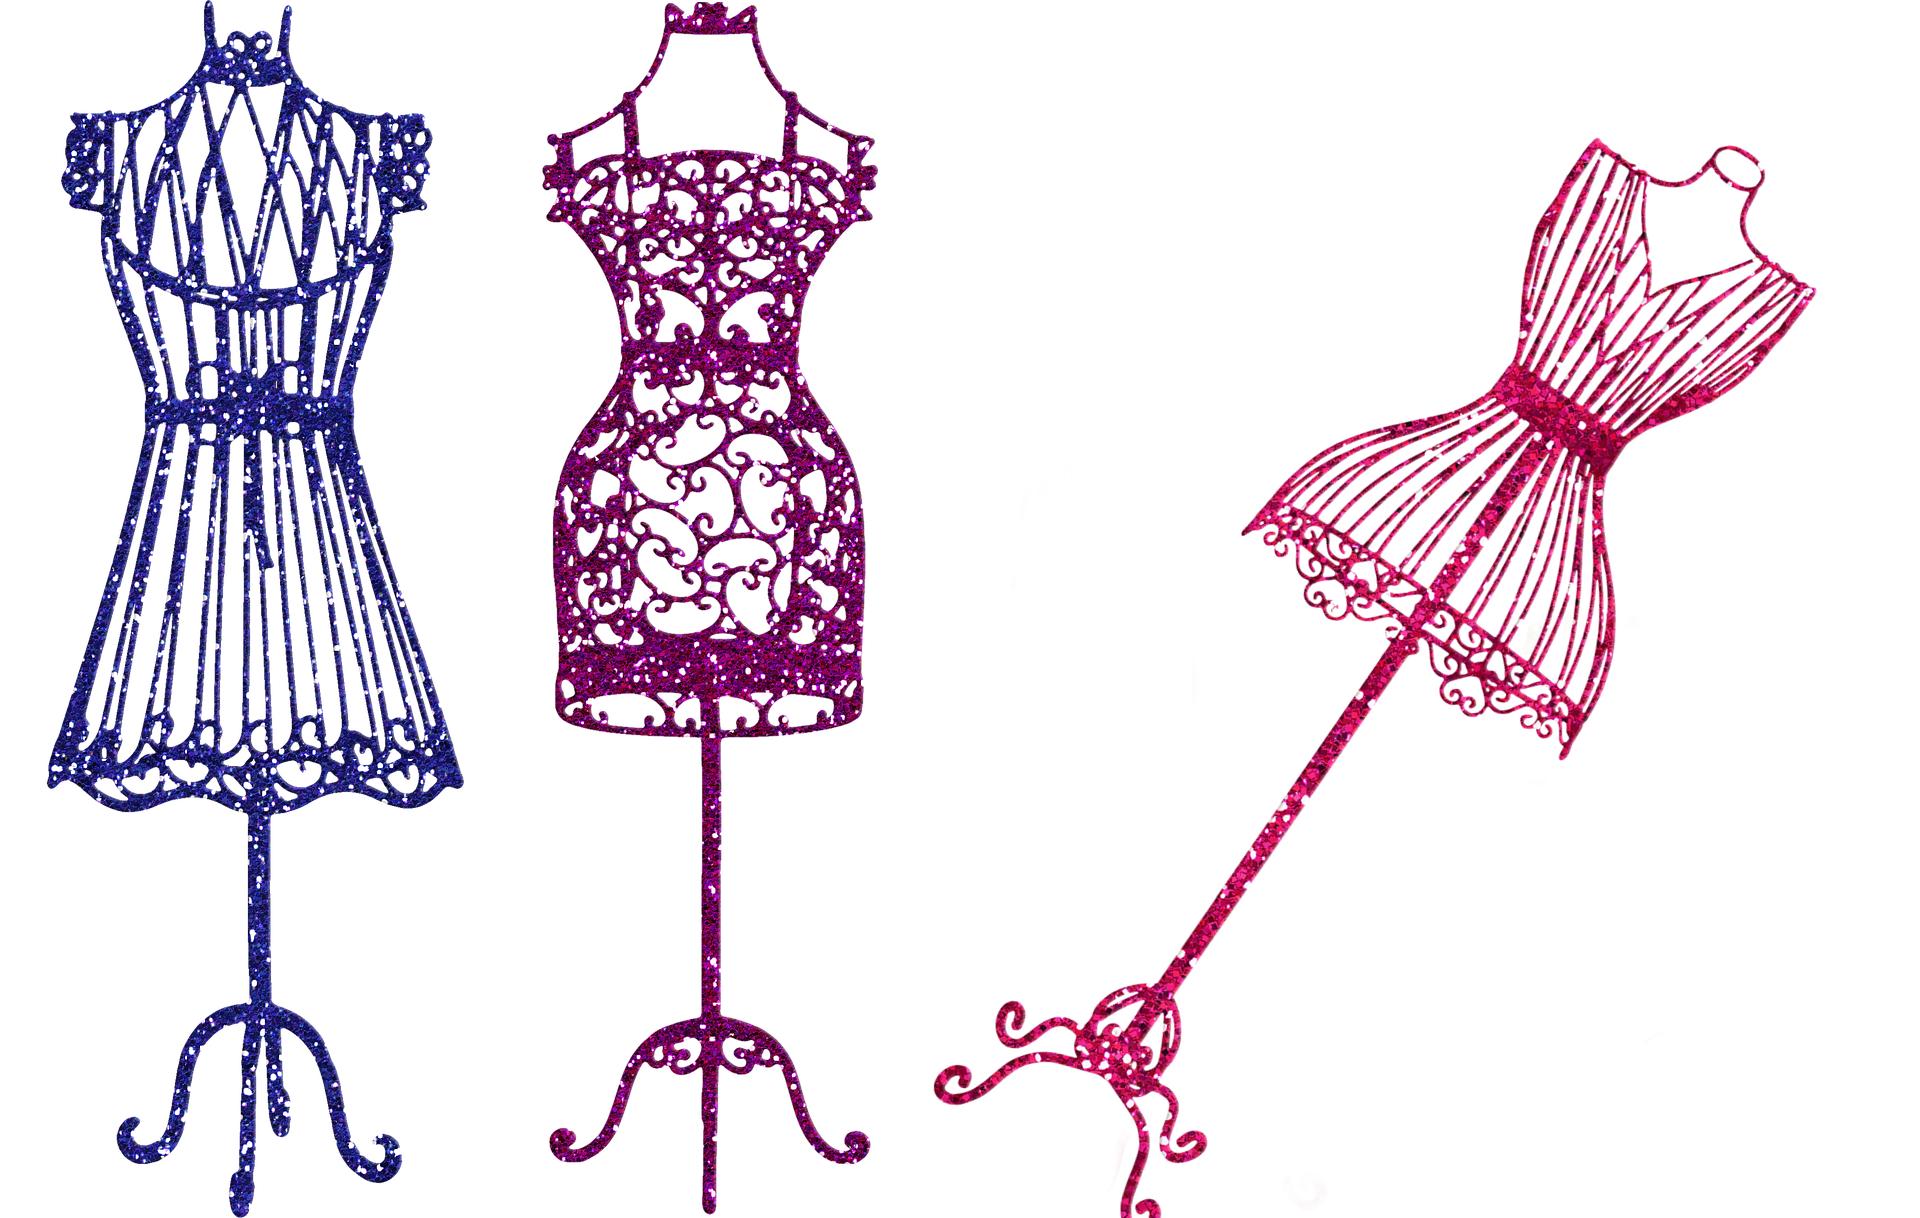 Krejčovská panna, oděvní návrhářství (ilustrace)